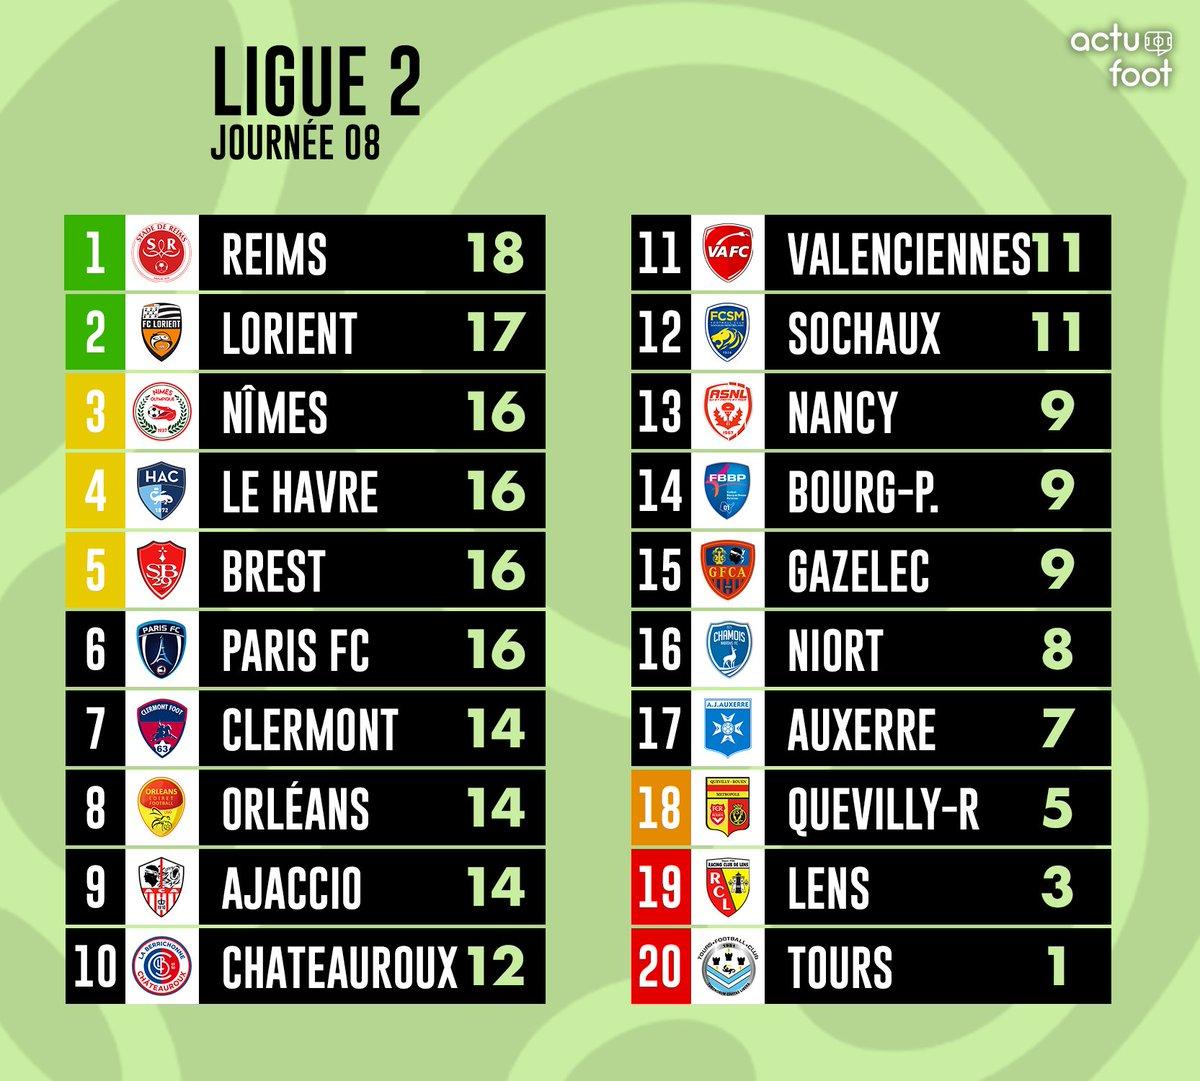 Le classement à l'issue de cette 8e journée de Ligue 2.